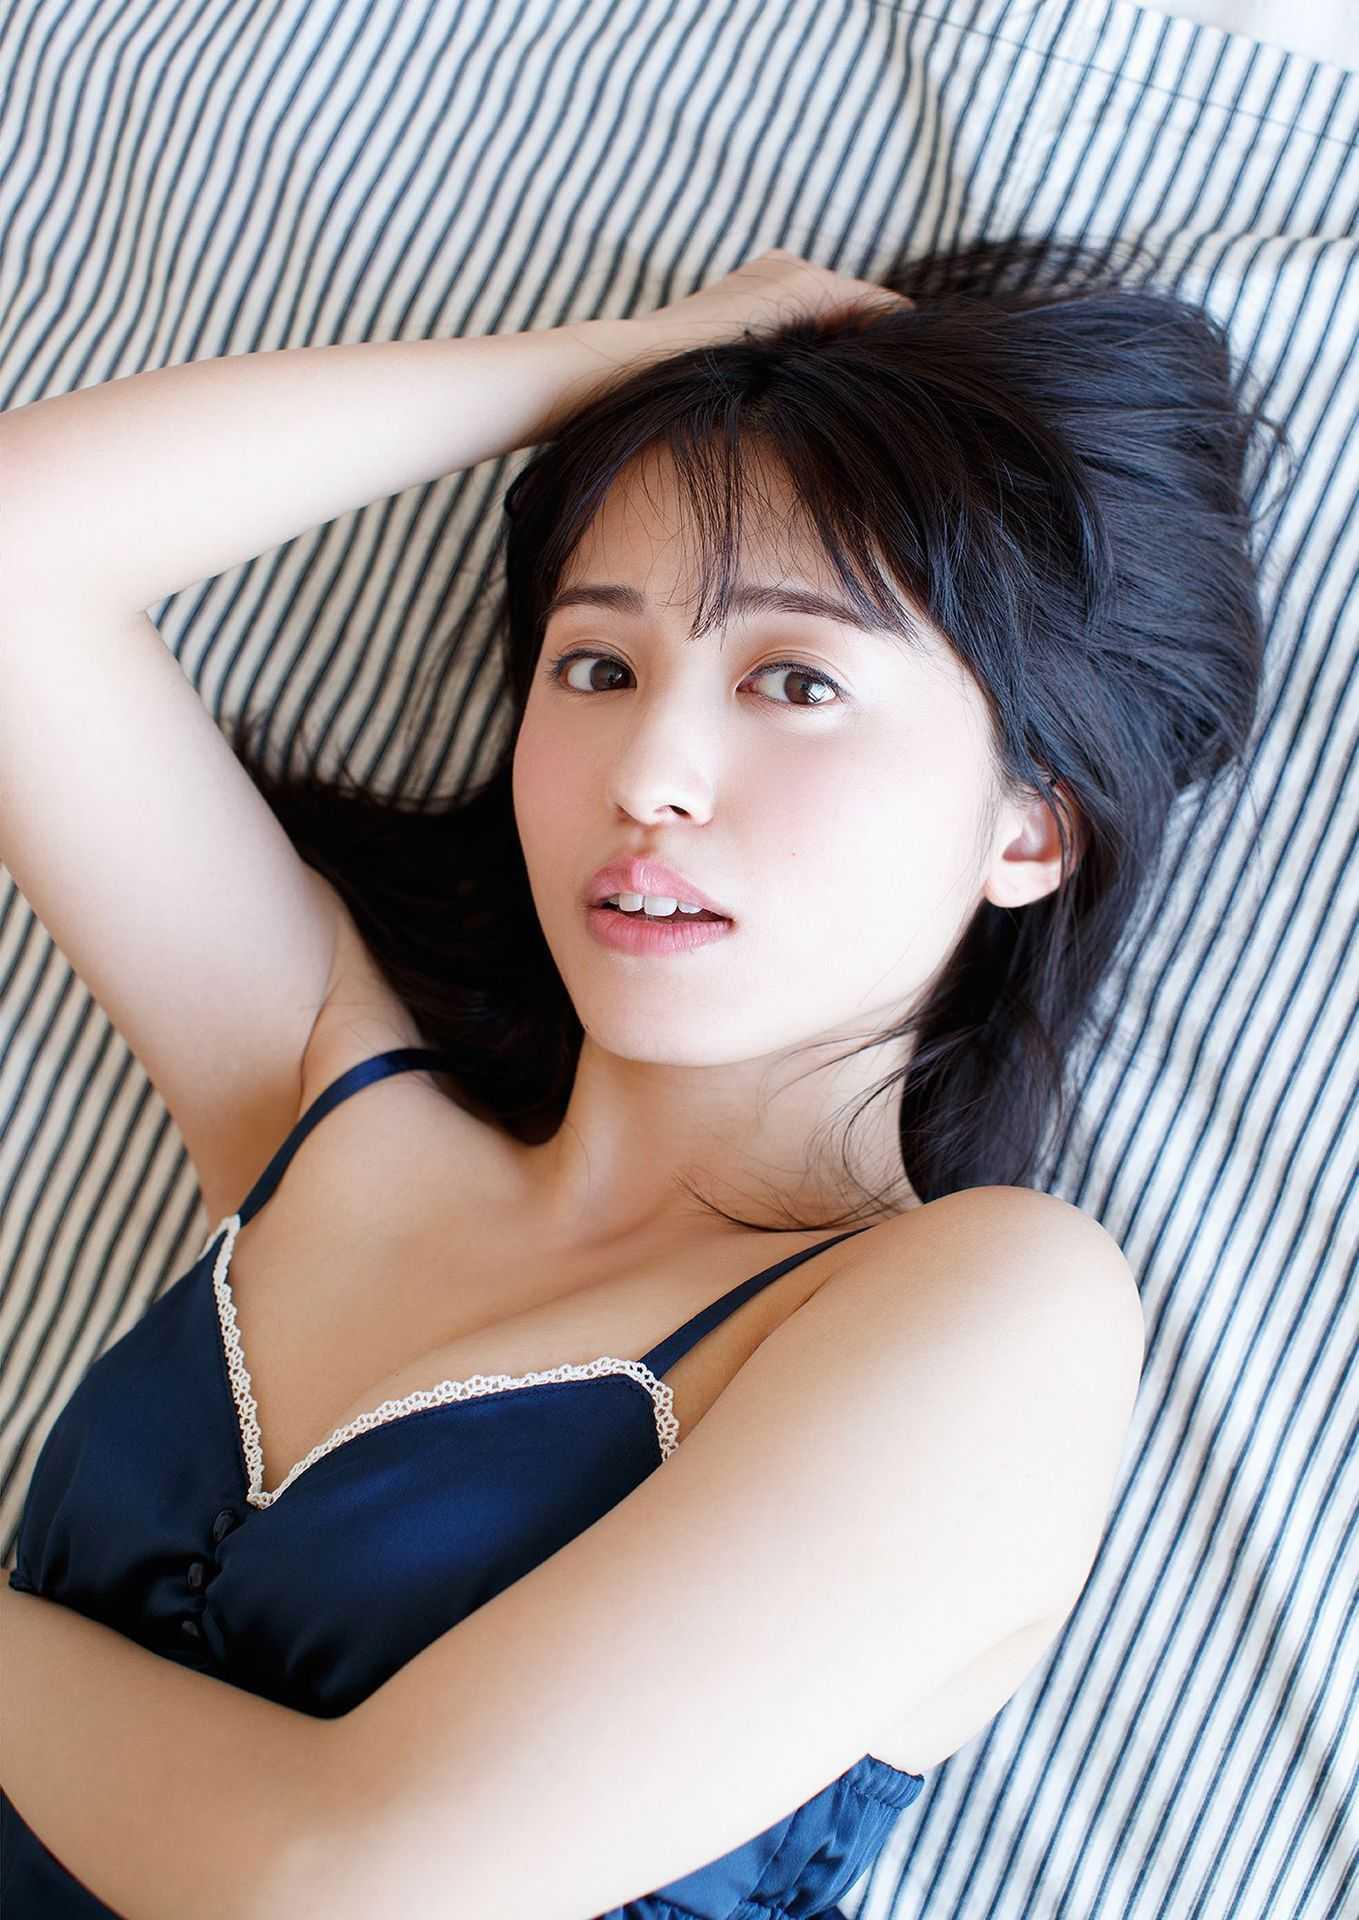 Voice actor Rikako Oita003